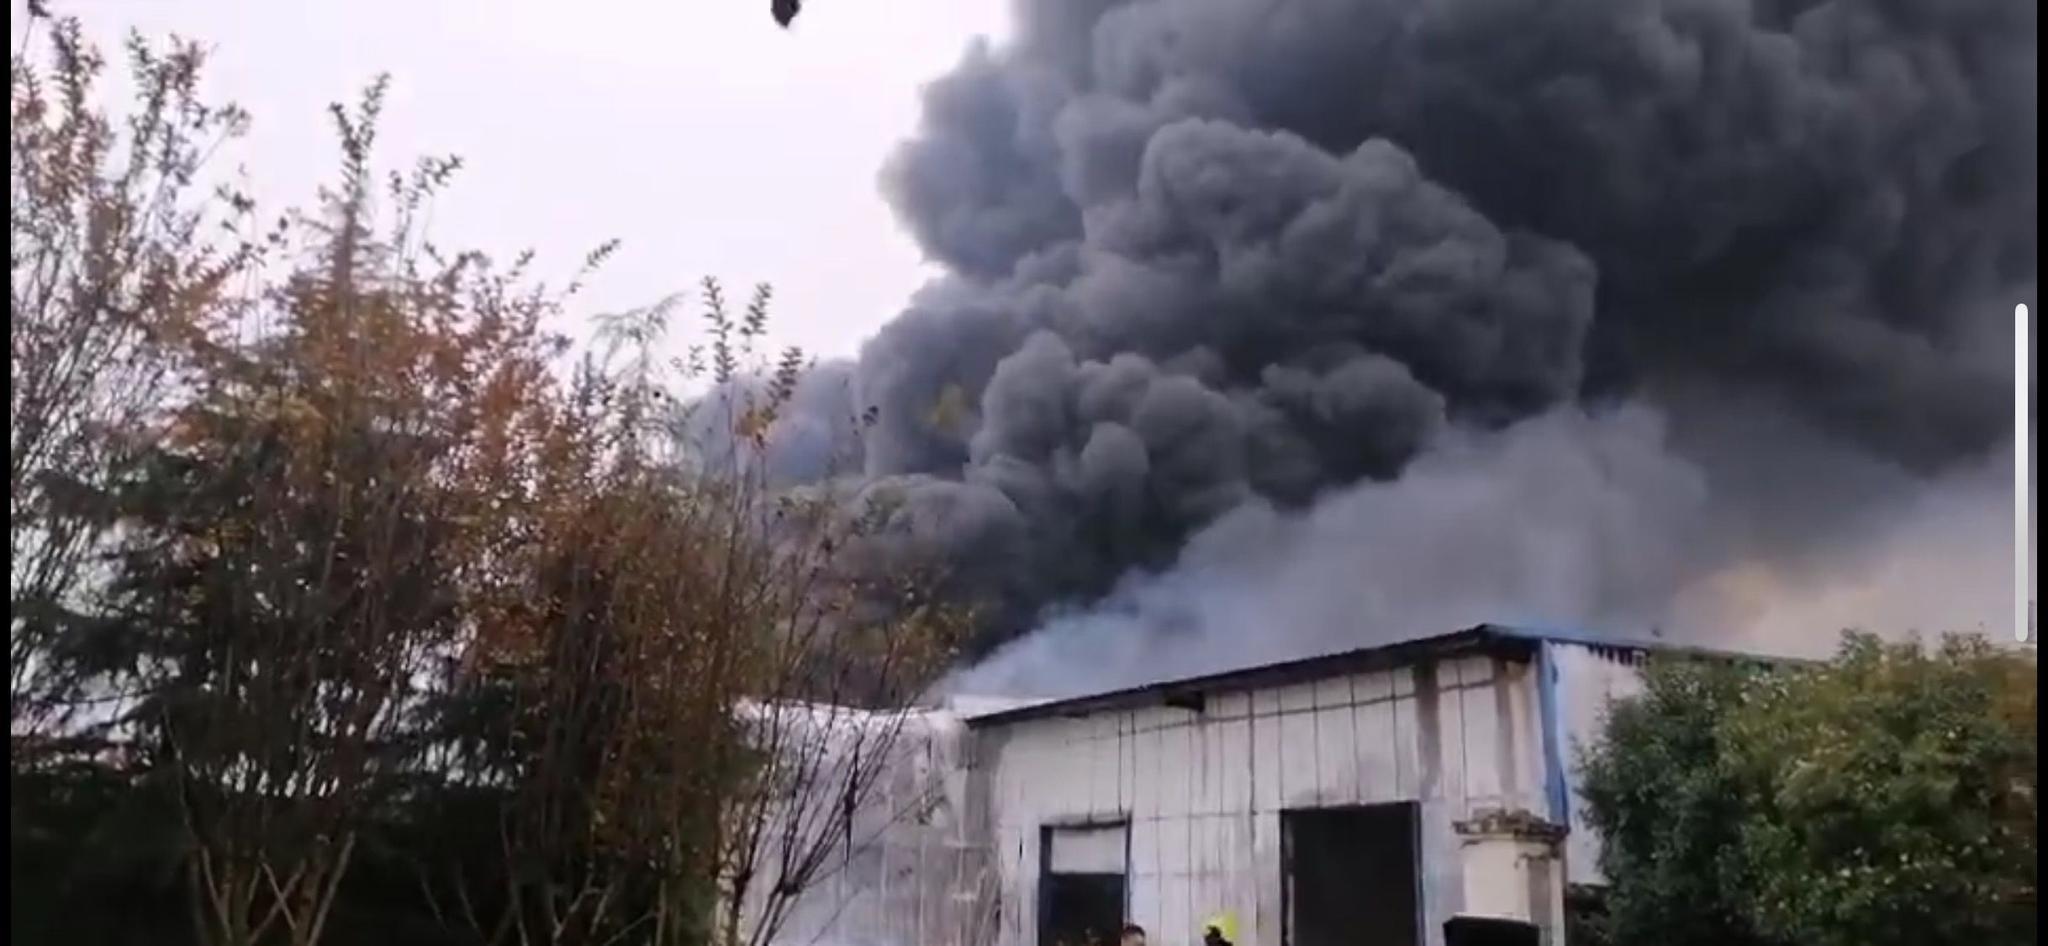 湖北襄阳一处临时仓库发生火灾,现已扑灭无伤亡